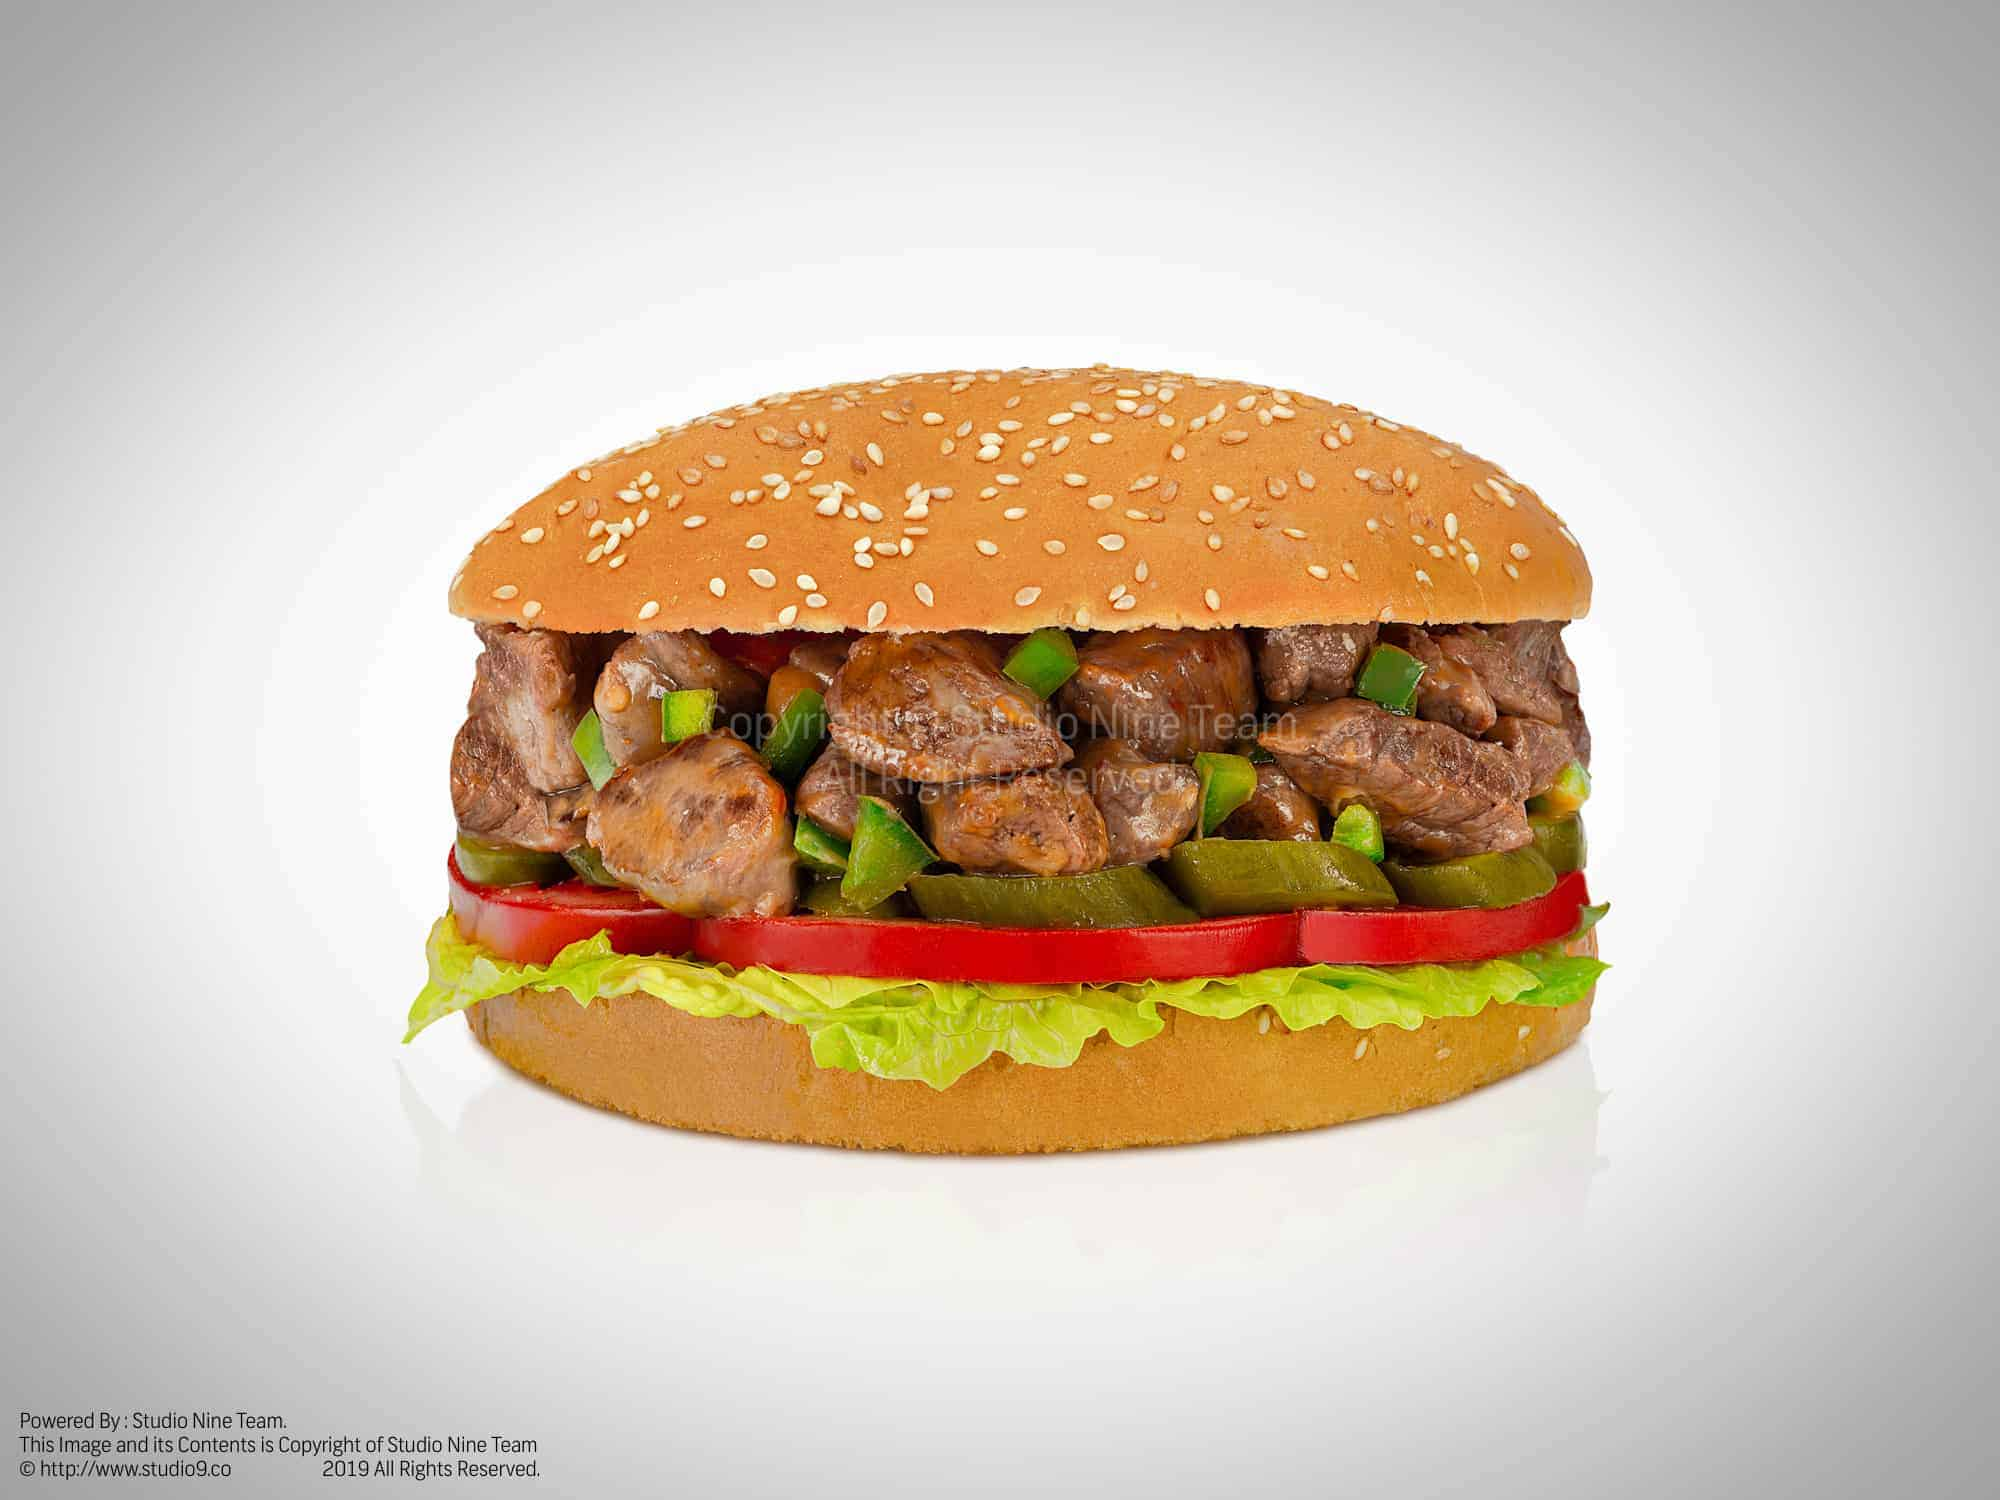 ادیت عکس غذایی | عکاسی غذایی | عکاسی صنعتی | عکاسی تبلیغاتی